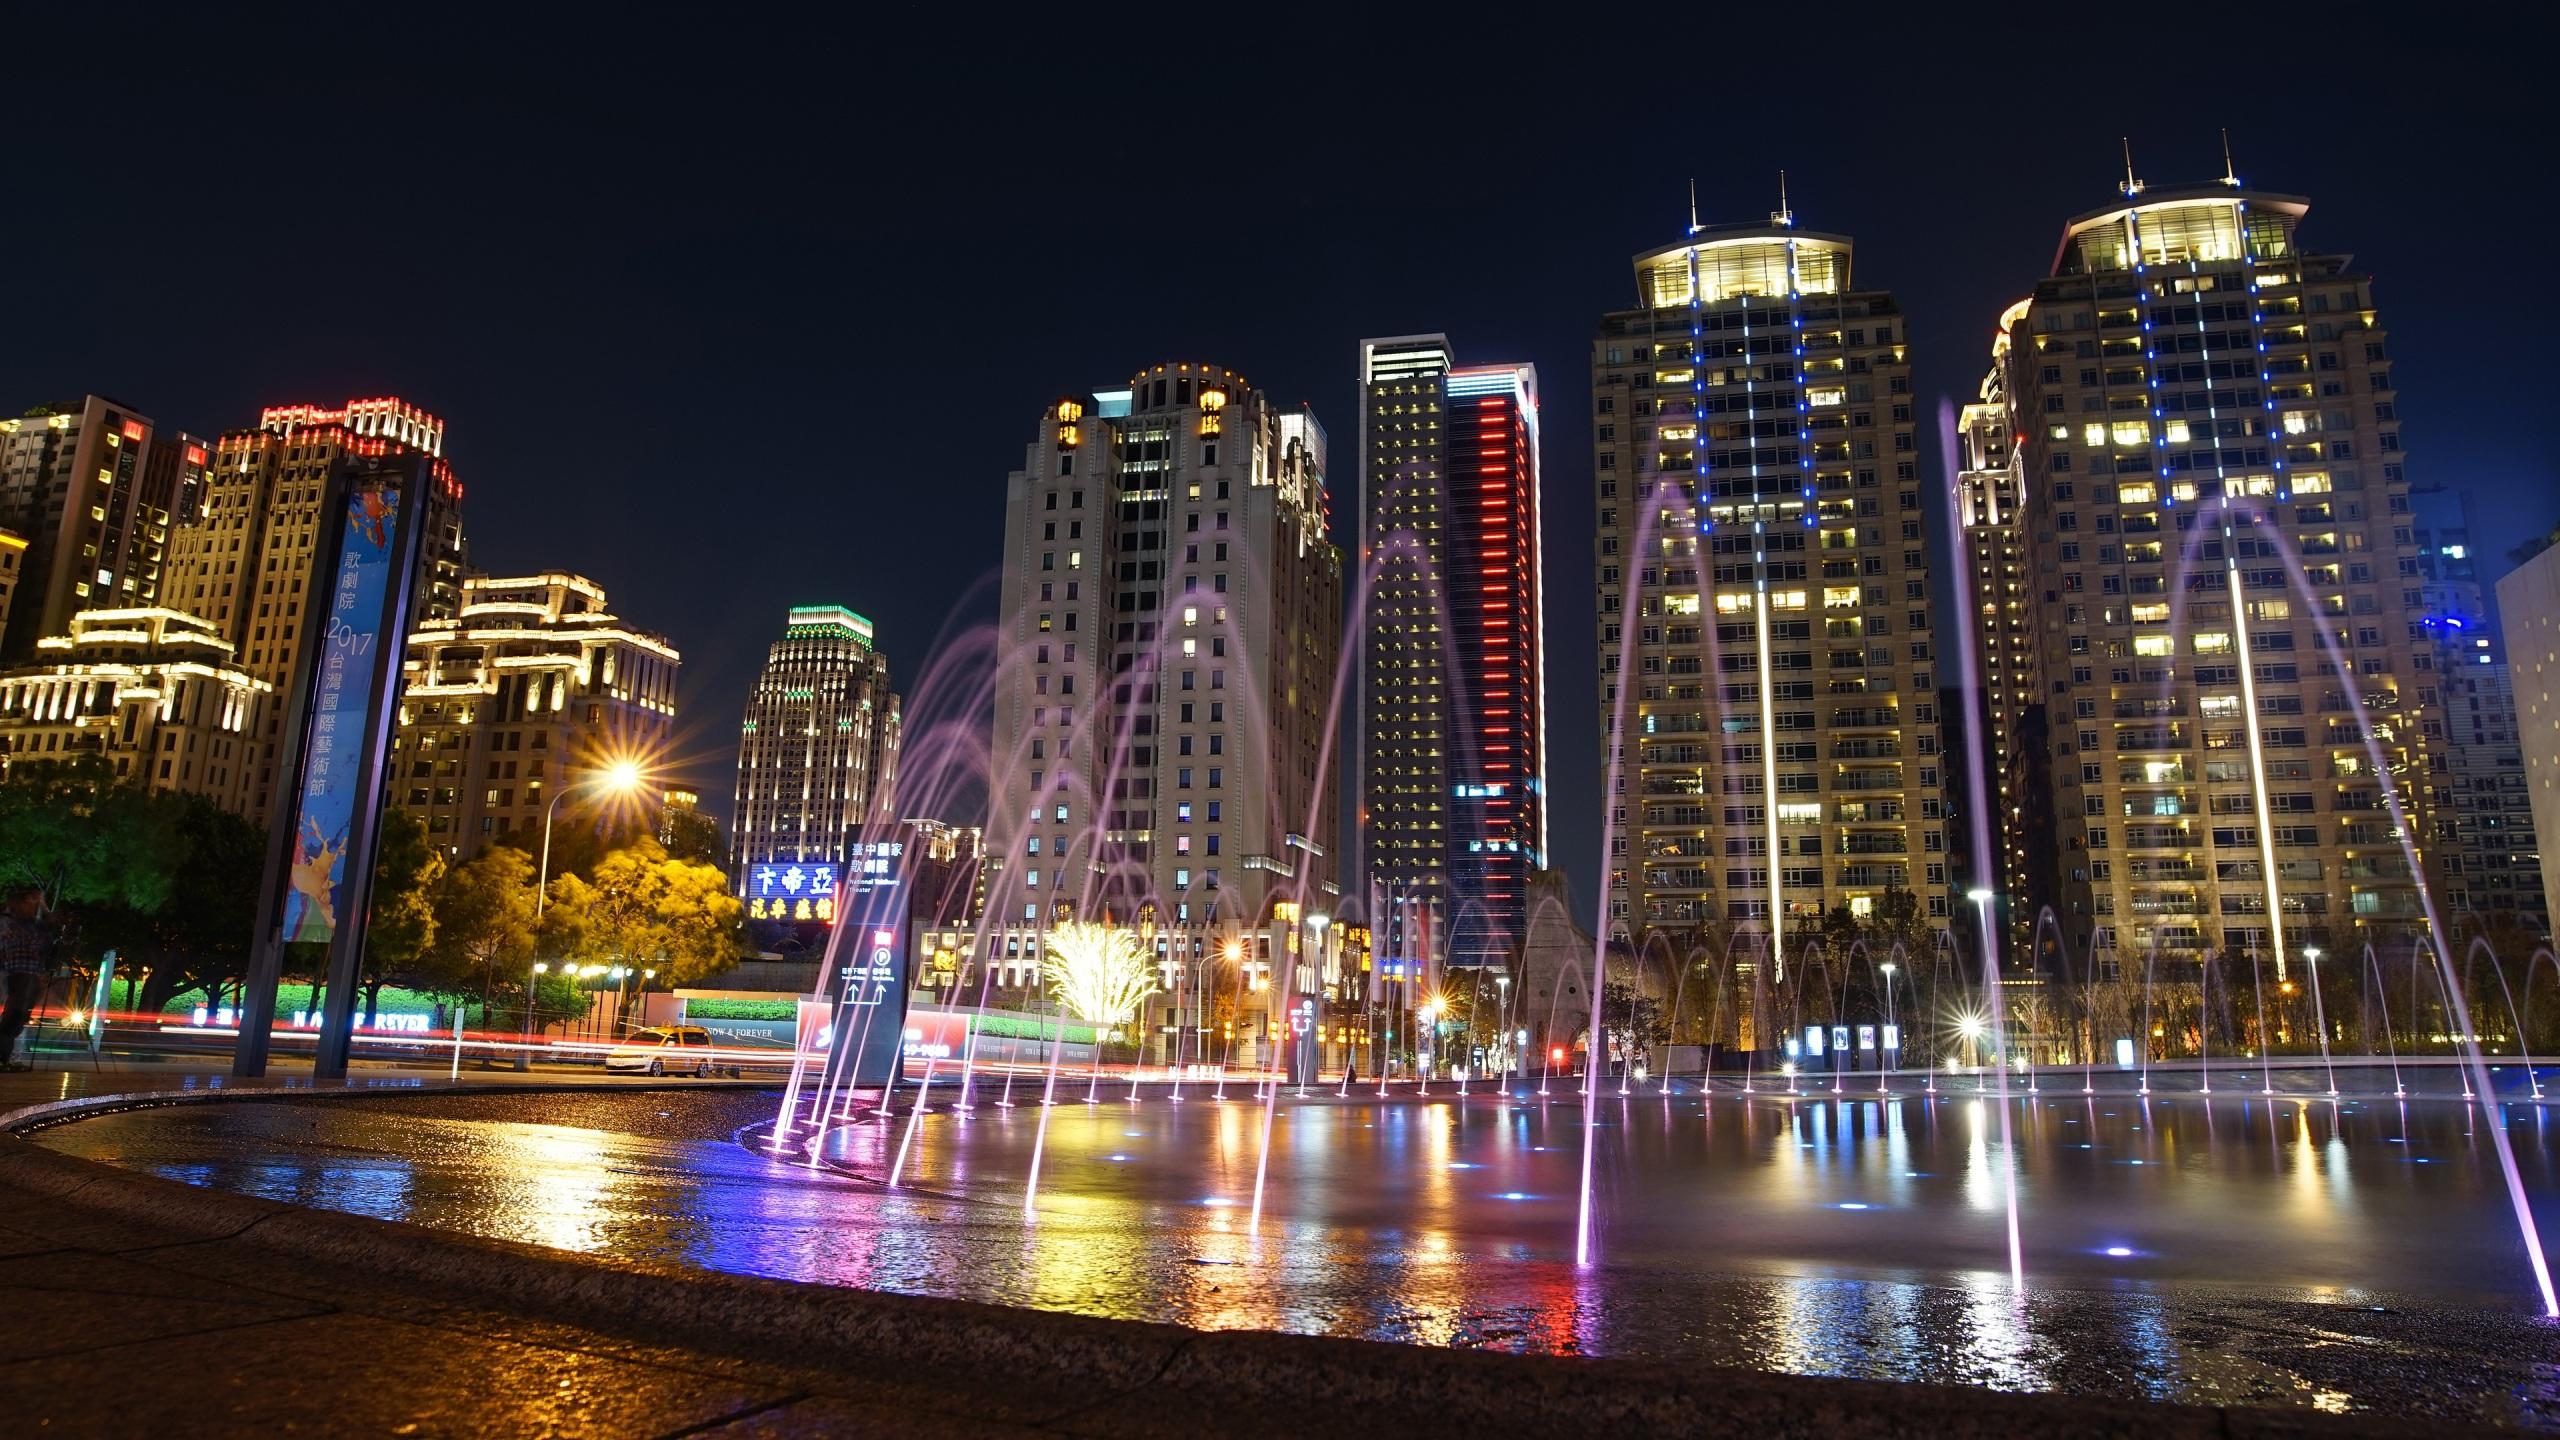 Картинка Тайбэй Китай Фонтаны Ночные Дома город 2560x1440 Ночь ночью в ночи Города Здания